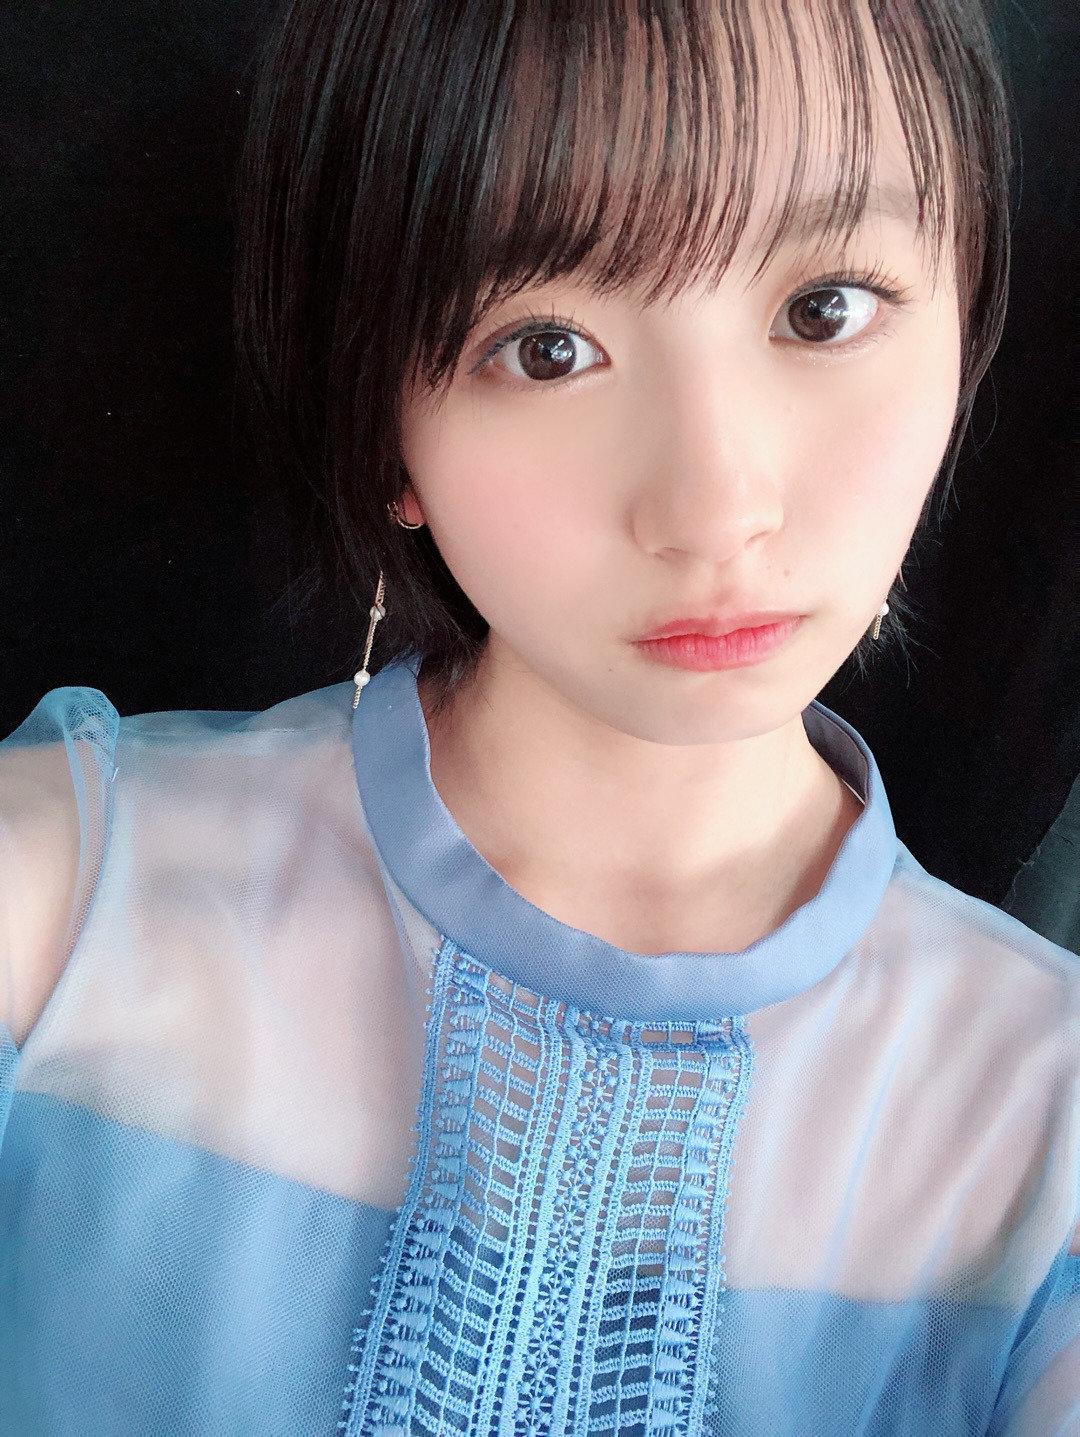 Asakura%20Kiki-890855.jpg